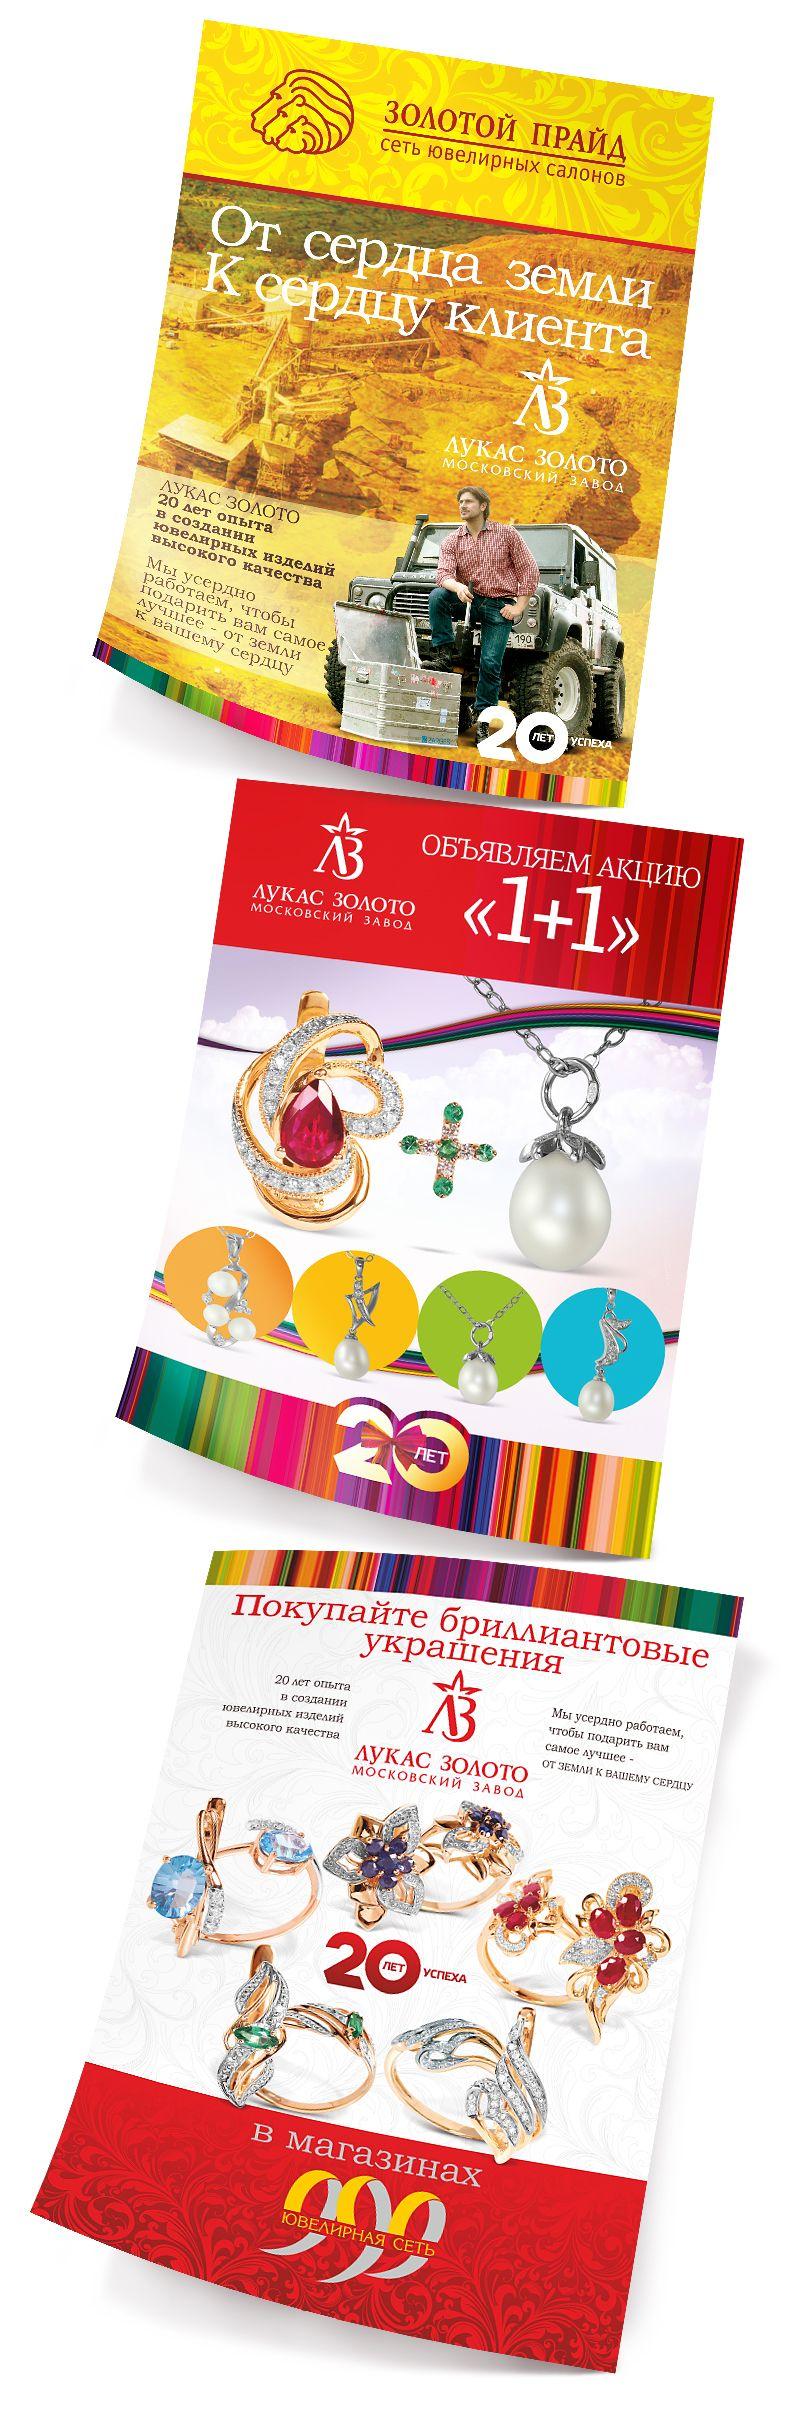 Акция Подарки от всего сердца в салонах «Билайн 65